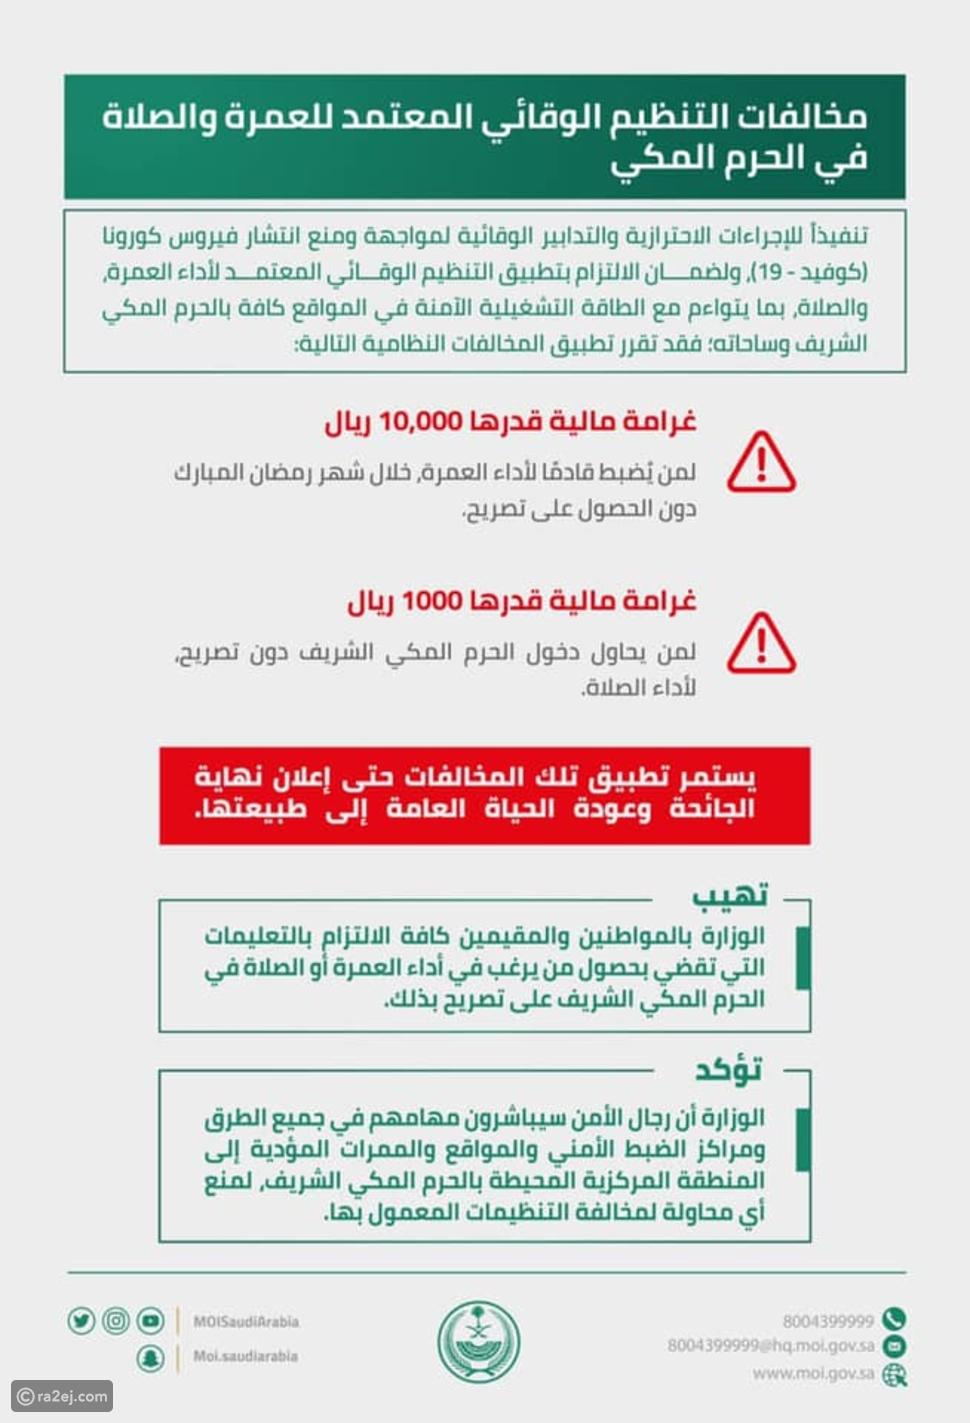 السعودية تعلن إجراءات رمضان في مكة المكرمة: 10 آلاف ريال غرامة للمخالف